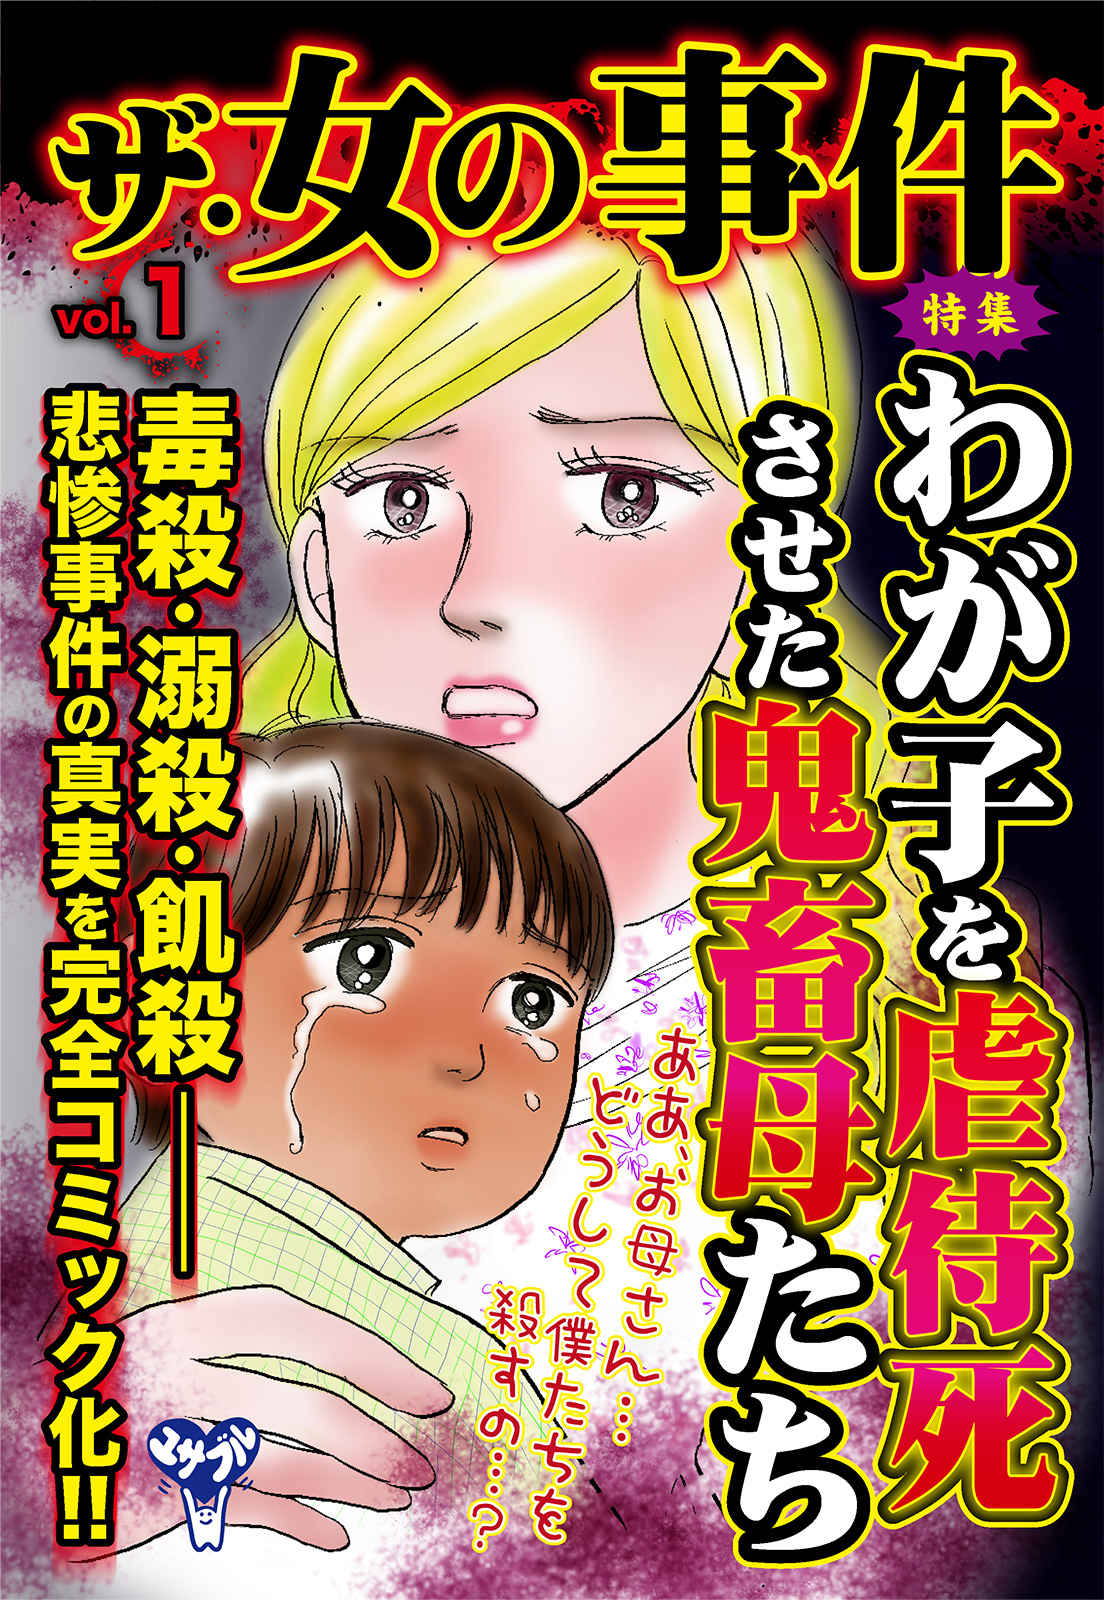 ザ・女の事件Vol.1(鬼妻~保険金めあてに夫3人を死なせた女~)